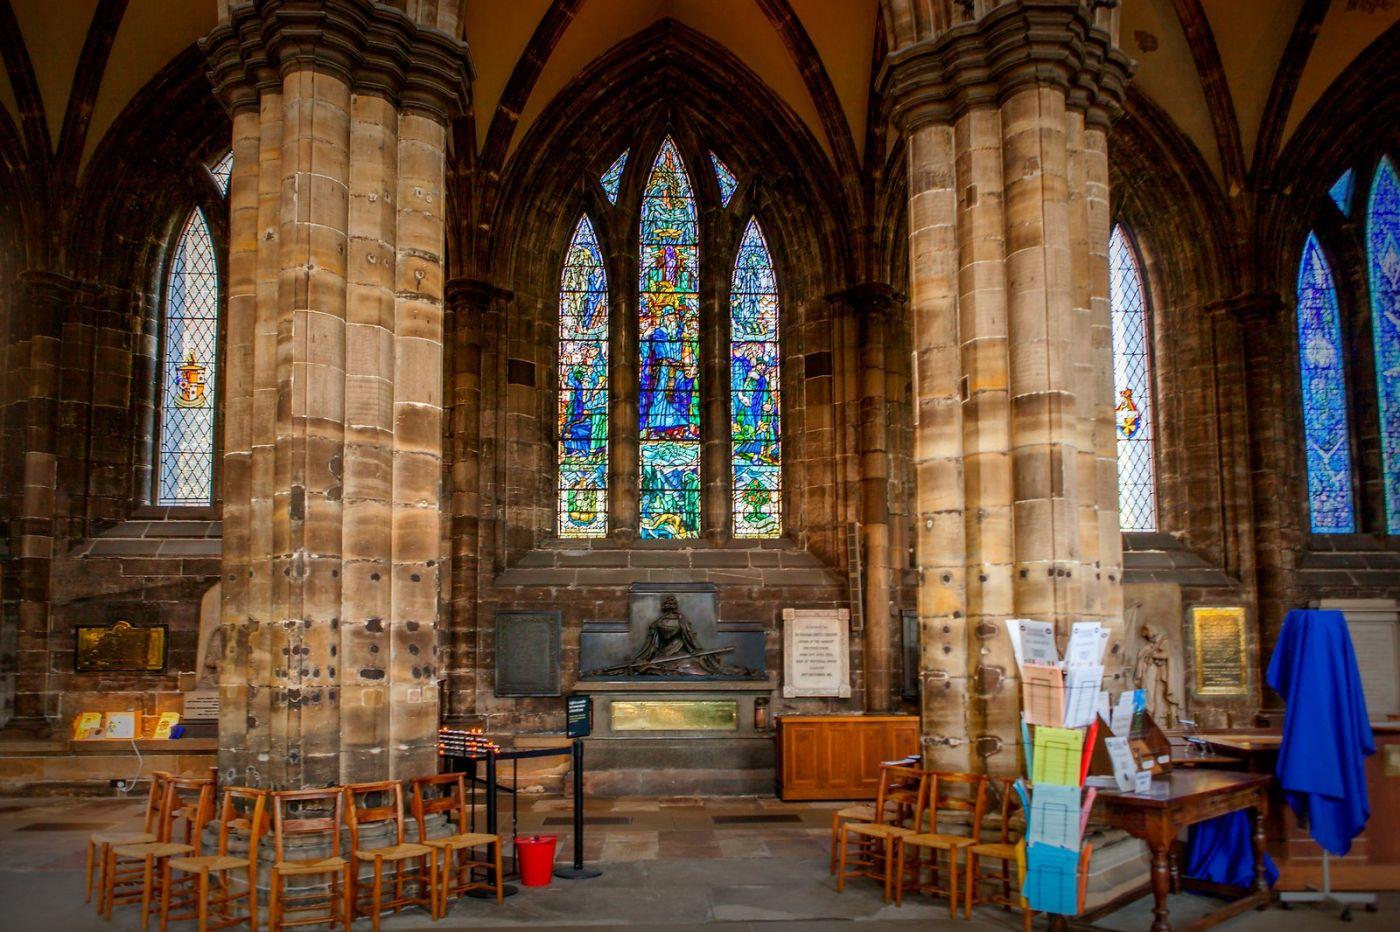 格拉斯哥大教堂,辉煌的窗户玻璃_图1-12